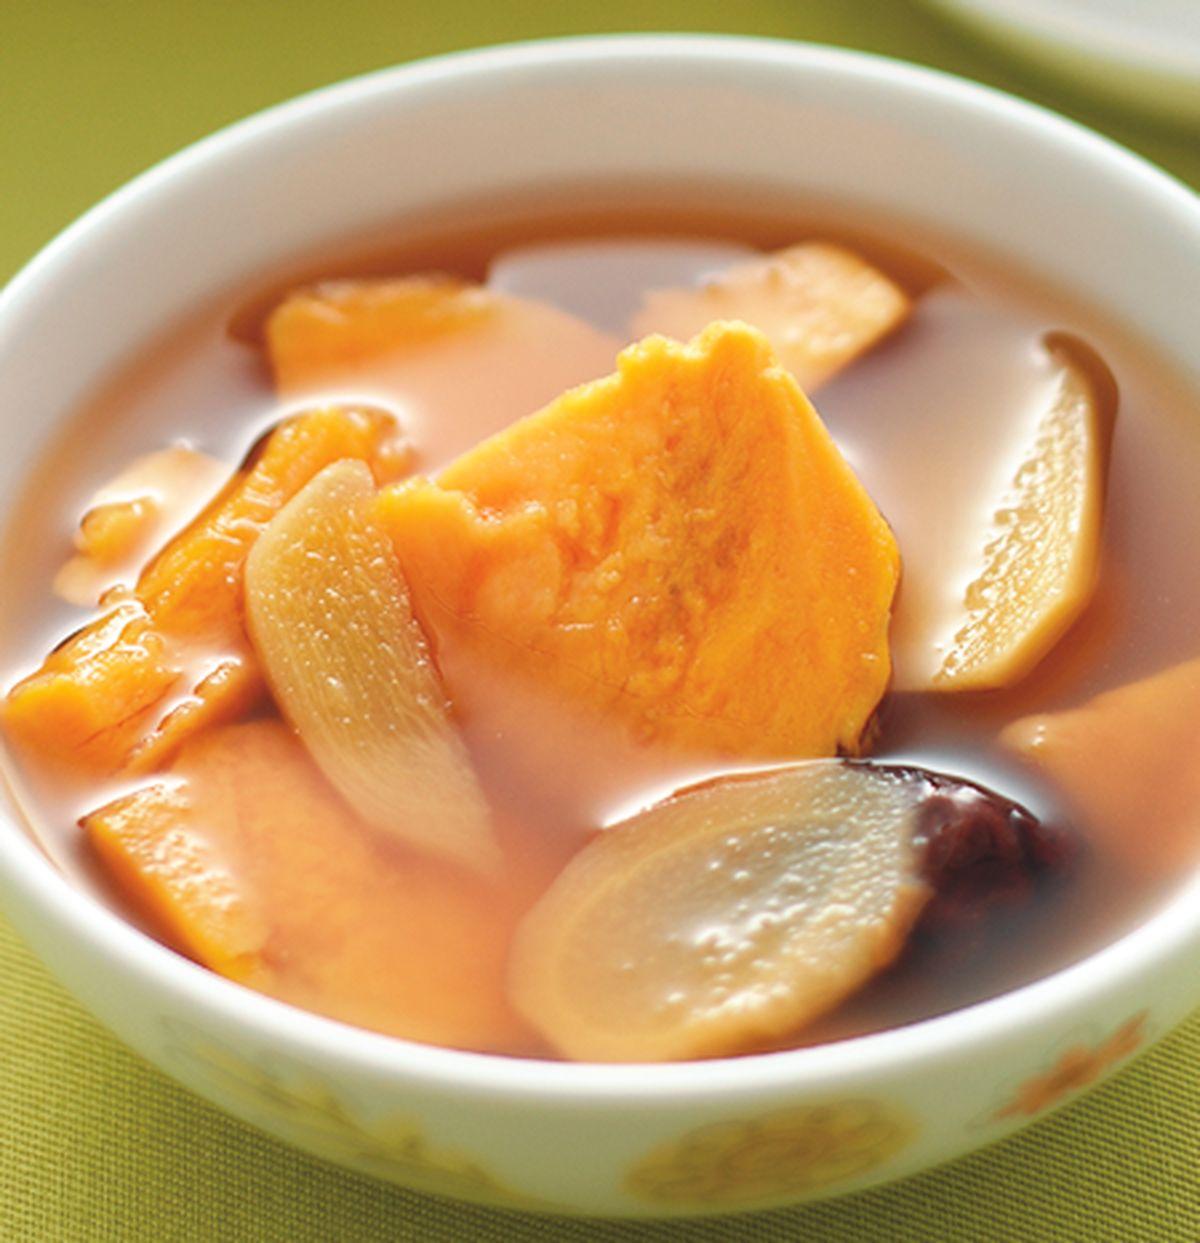 食譜:薑汁地瓜湯